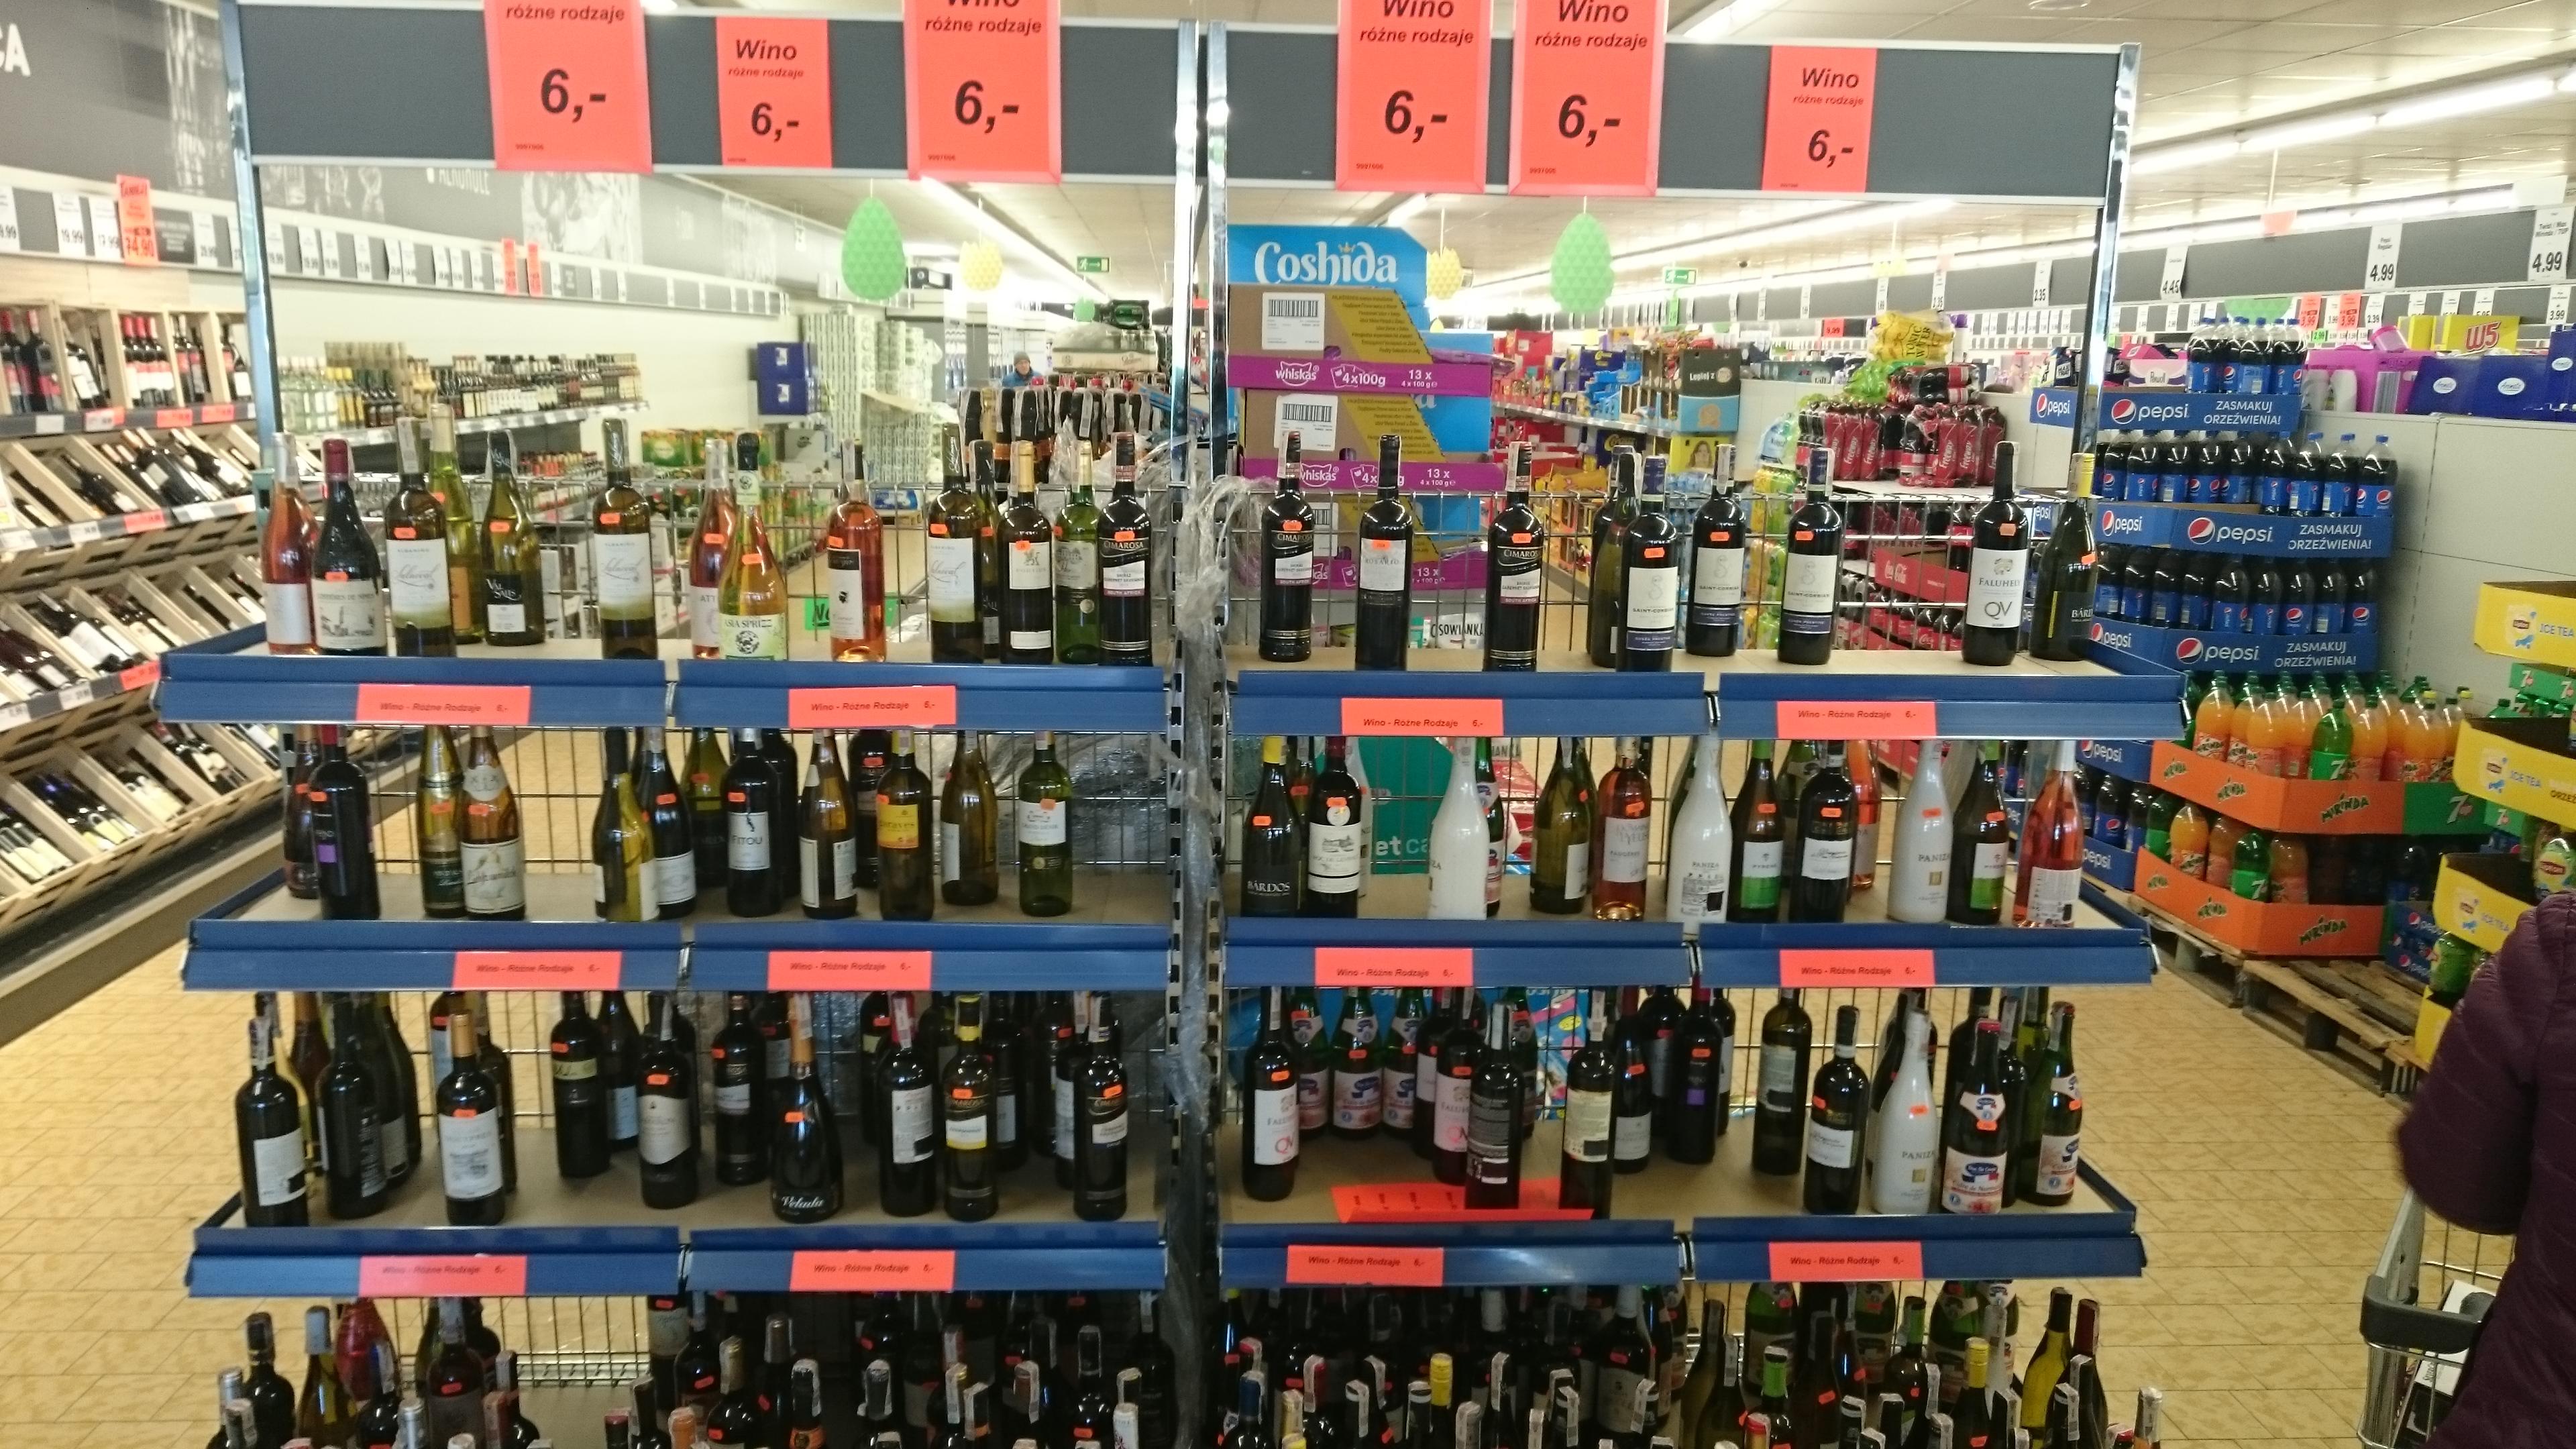 Mnóstwo win po 6zł w lidlu